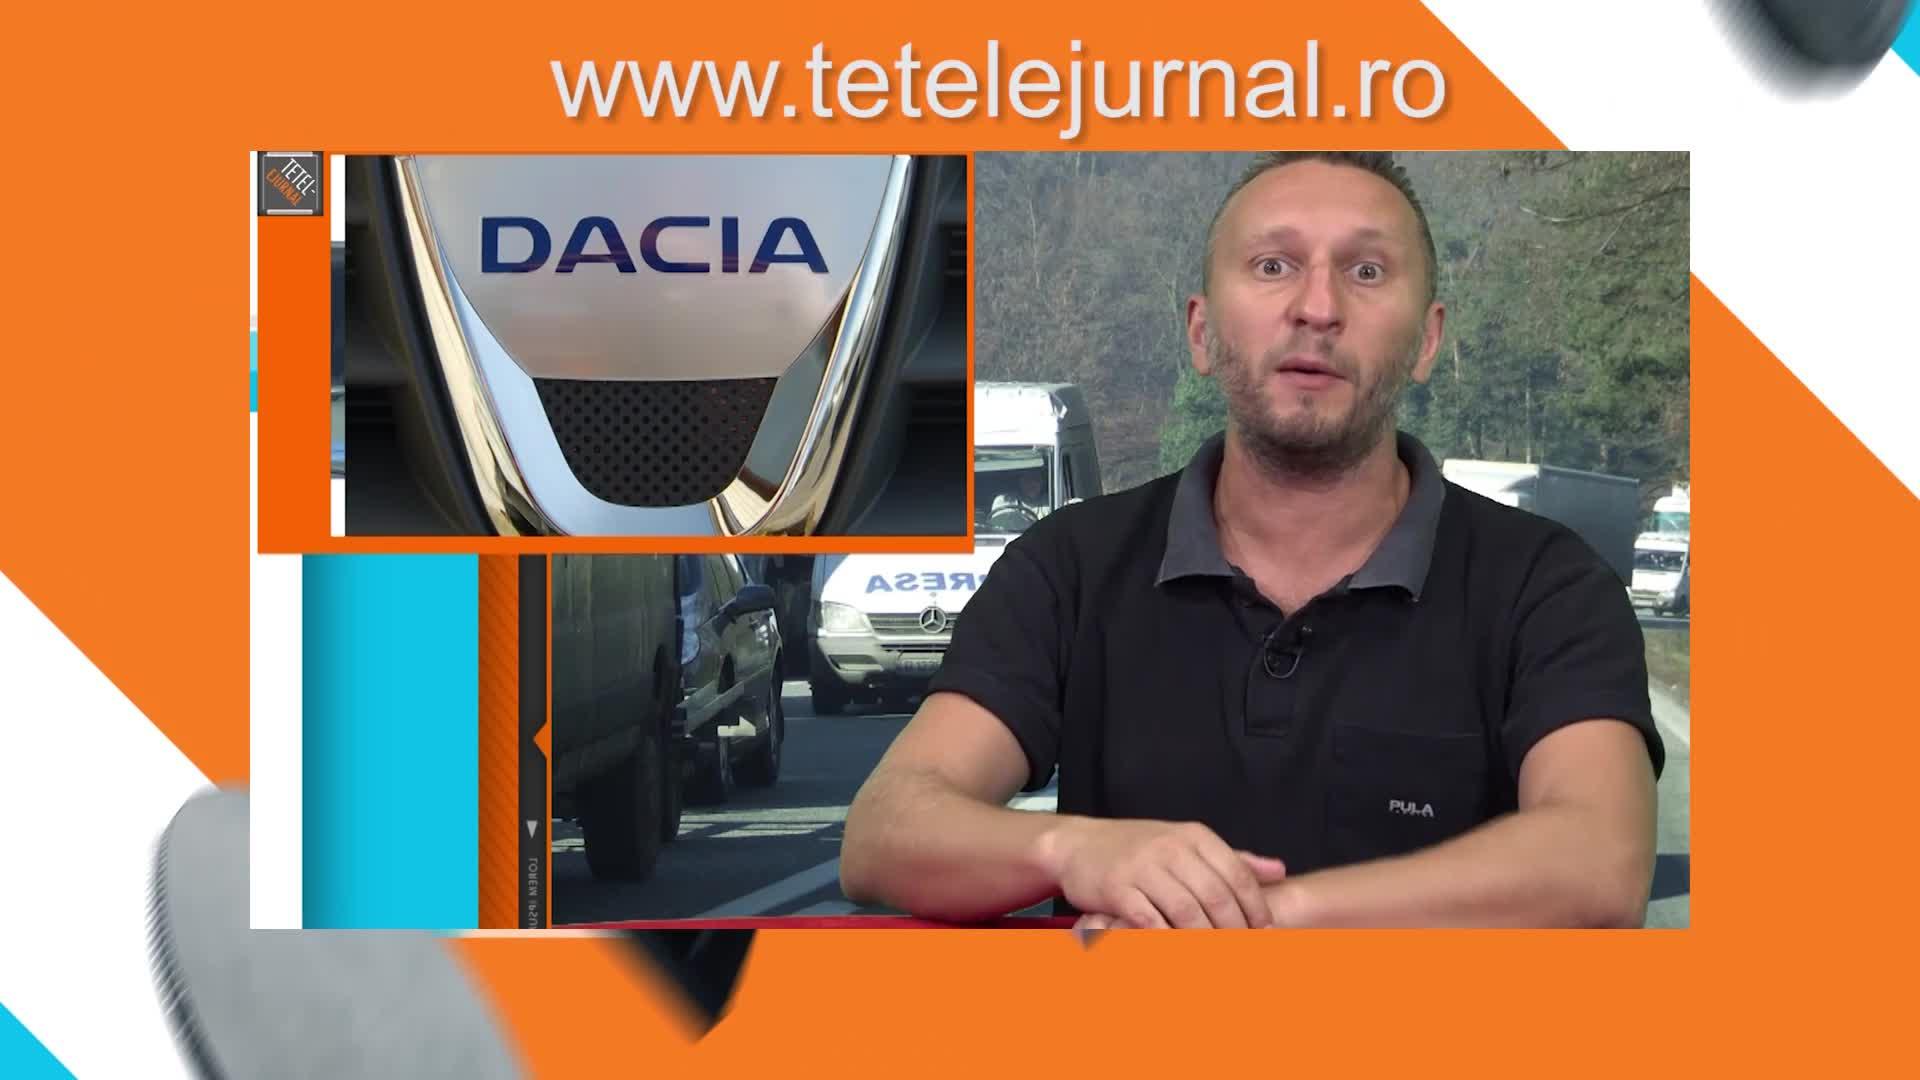 Perla lui Tetelu: Noul model de Dacia